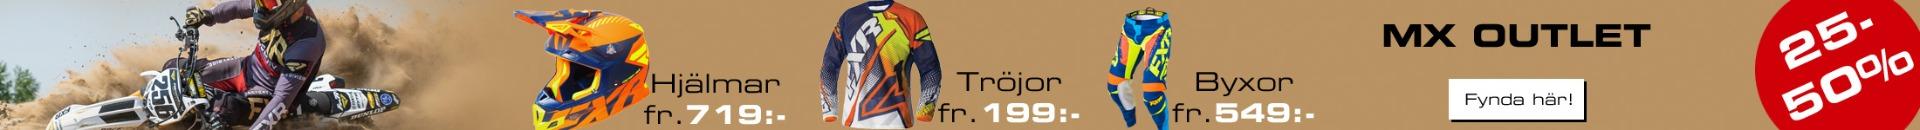 FXR Shoppen Lagerrensning - 25-60% på FXR crosskläder